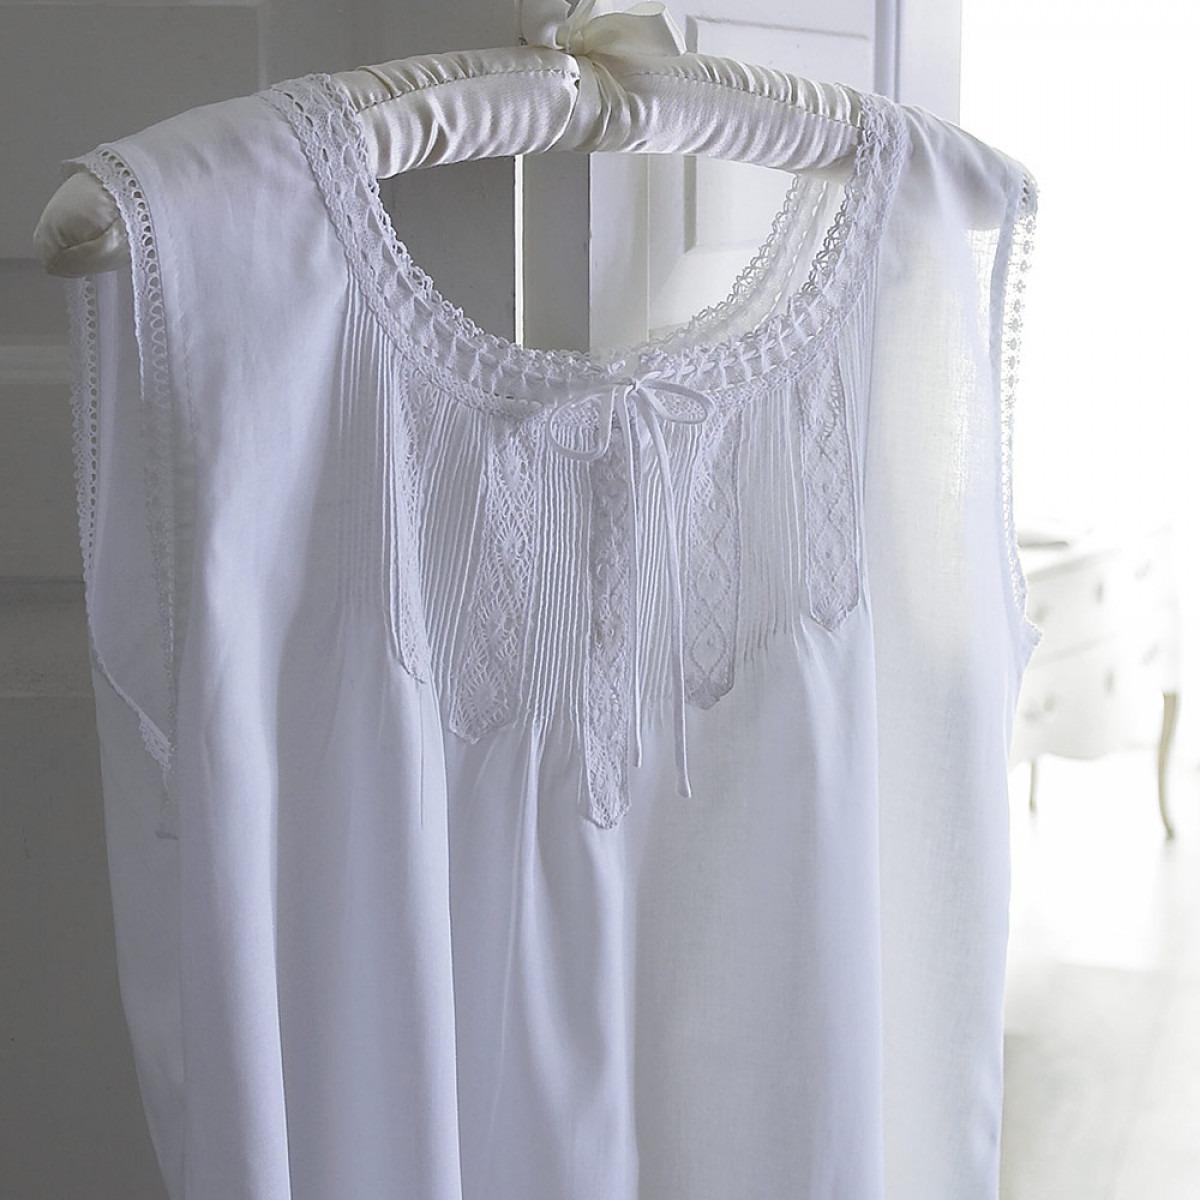 Lottie nightdress